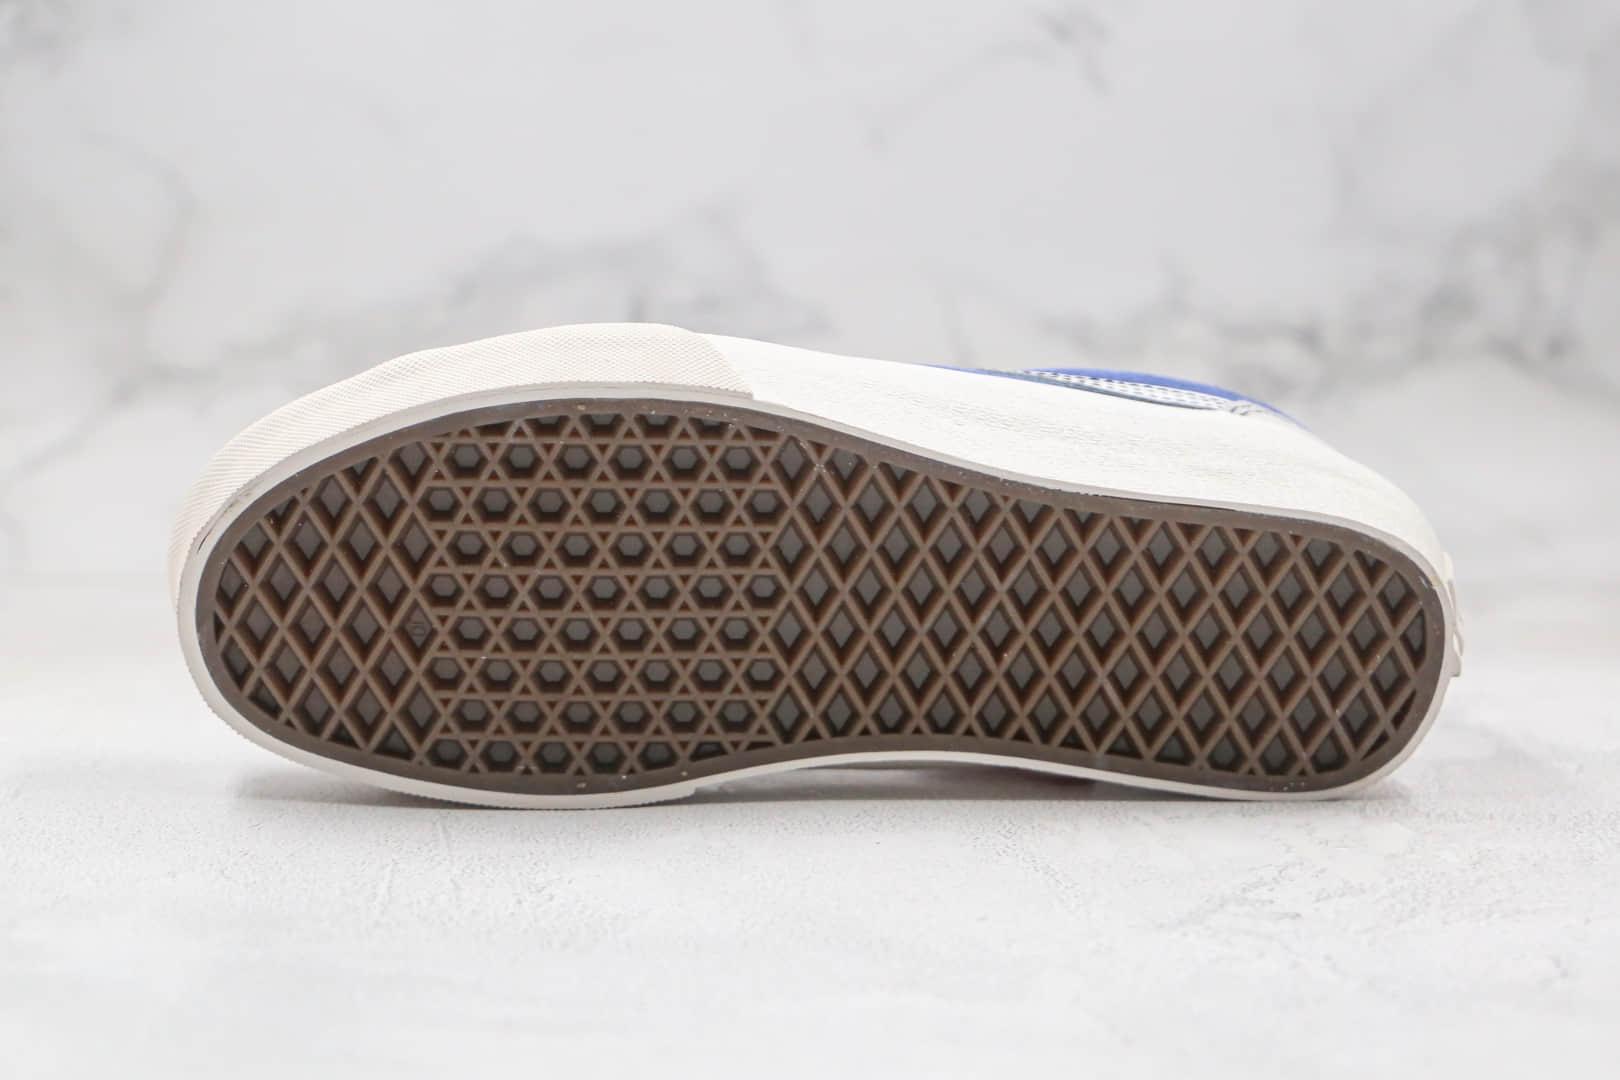 万斯Vans Vault 2020 Style 36 VLT LX Better Gift Shop公司级版本低帮灰蓝麂皮硫化板鞋原盒原标原楦头纸板打造